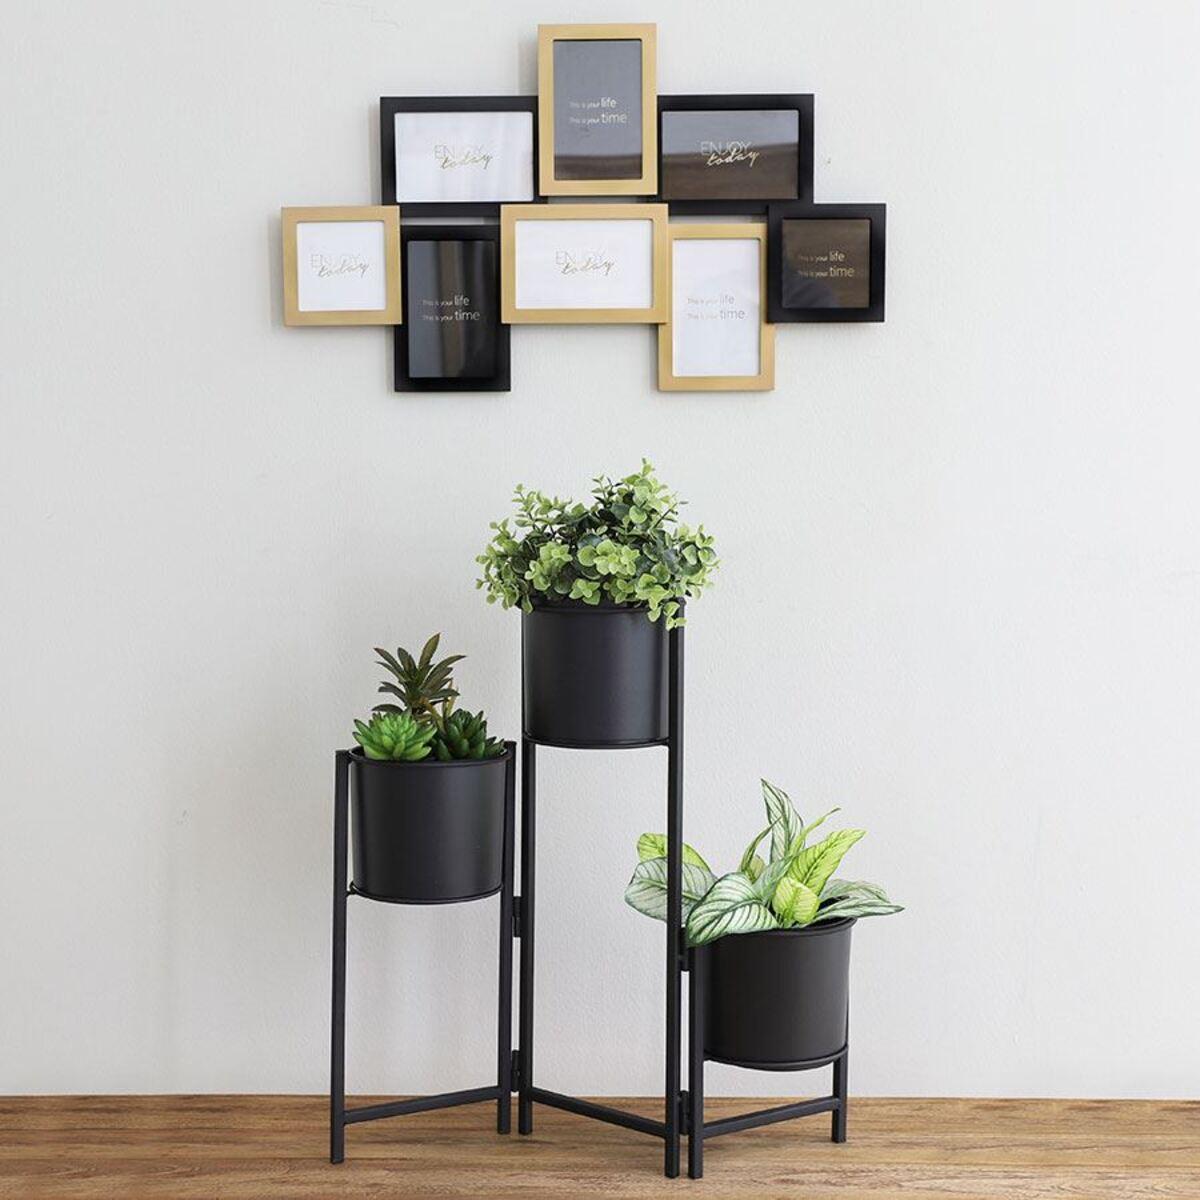 Bild 2 von Faltbarer Metall-Blumenständer mit 3 Pflanztöpfen Schwarz